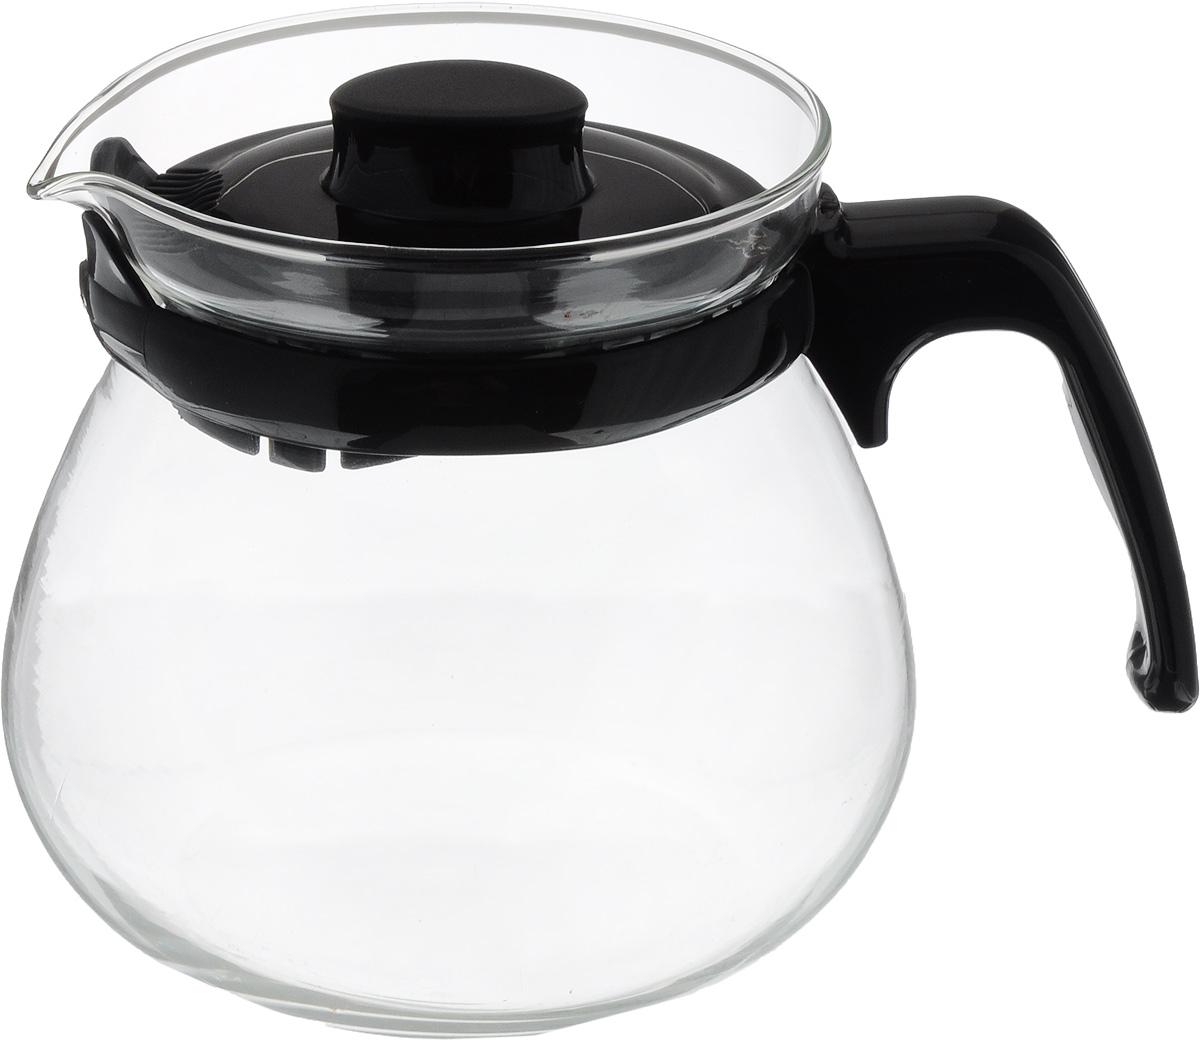 Чайник заварочный Appetite, стеклянный, 700 млS48-1Заварочный чайник Appetite изготовлен из высококачественного термостойкого стекла. Крышка выполнена с тонкими прорезями, которые задерживают чаинки и предотвращают их попадание в чашку. Чайник снабжен удобной ручкой. Чай в стеклянном чайнике долго остается горячим, а полезные и ароматические вещества полностью сохраняются в напитке.Не использовать в посудомоечной машине.Диаметр основания чайника: 8 см. Высота чайника: 11 см.